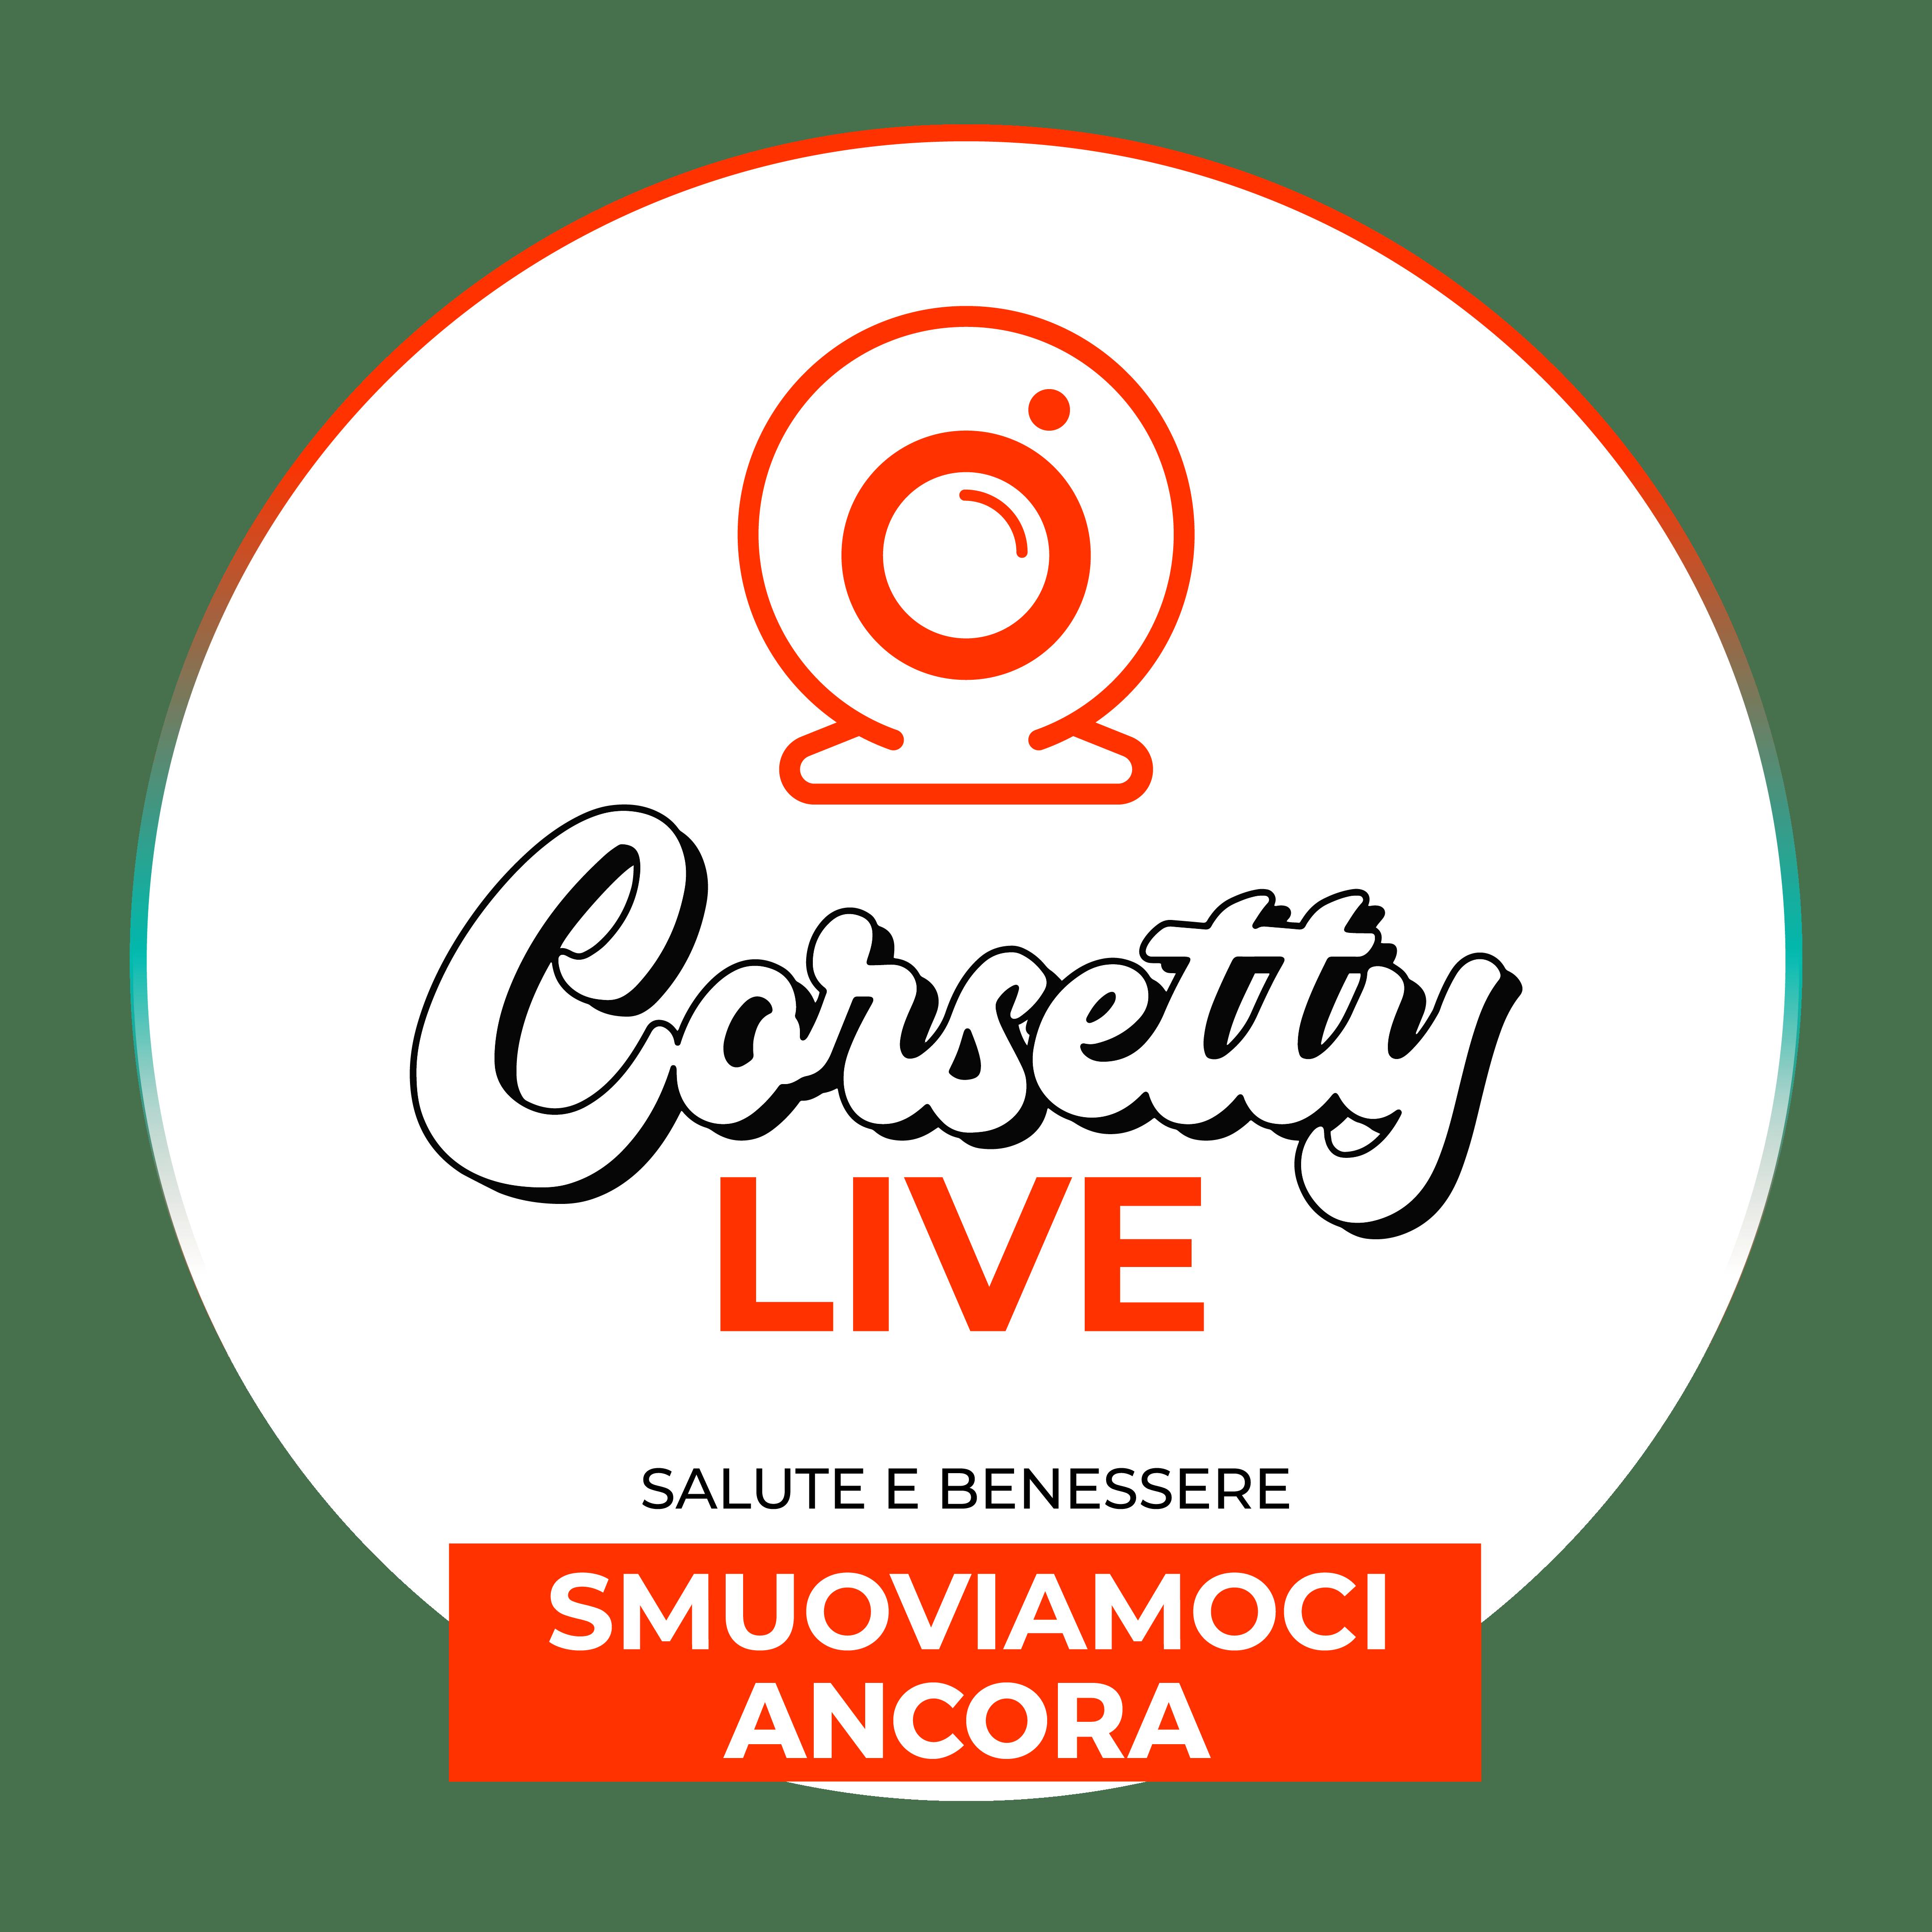 Corsetty – live: Smuoviamoci ancora